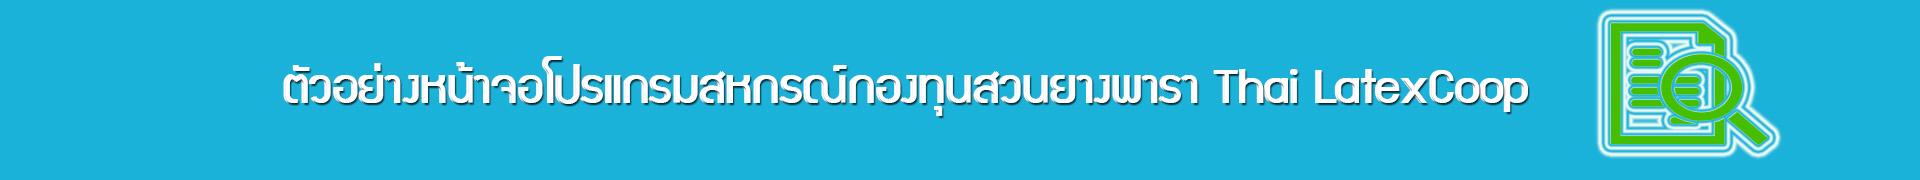 ตัวอย่างหน้าจอโปรแกรมสหกรณ์รับซื้อน้ำยาง thailatexcoop